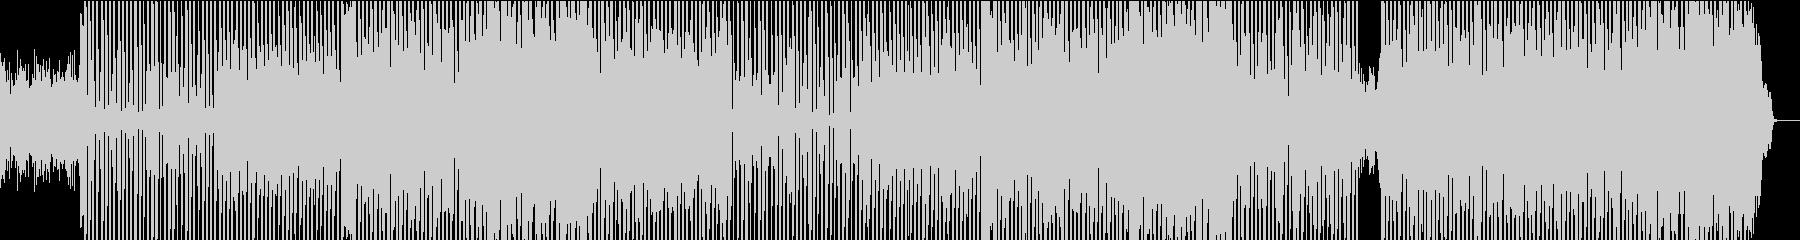 ディスコのタッチで楽しいポップ/ダ...の未再生の波形